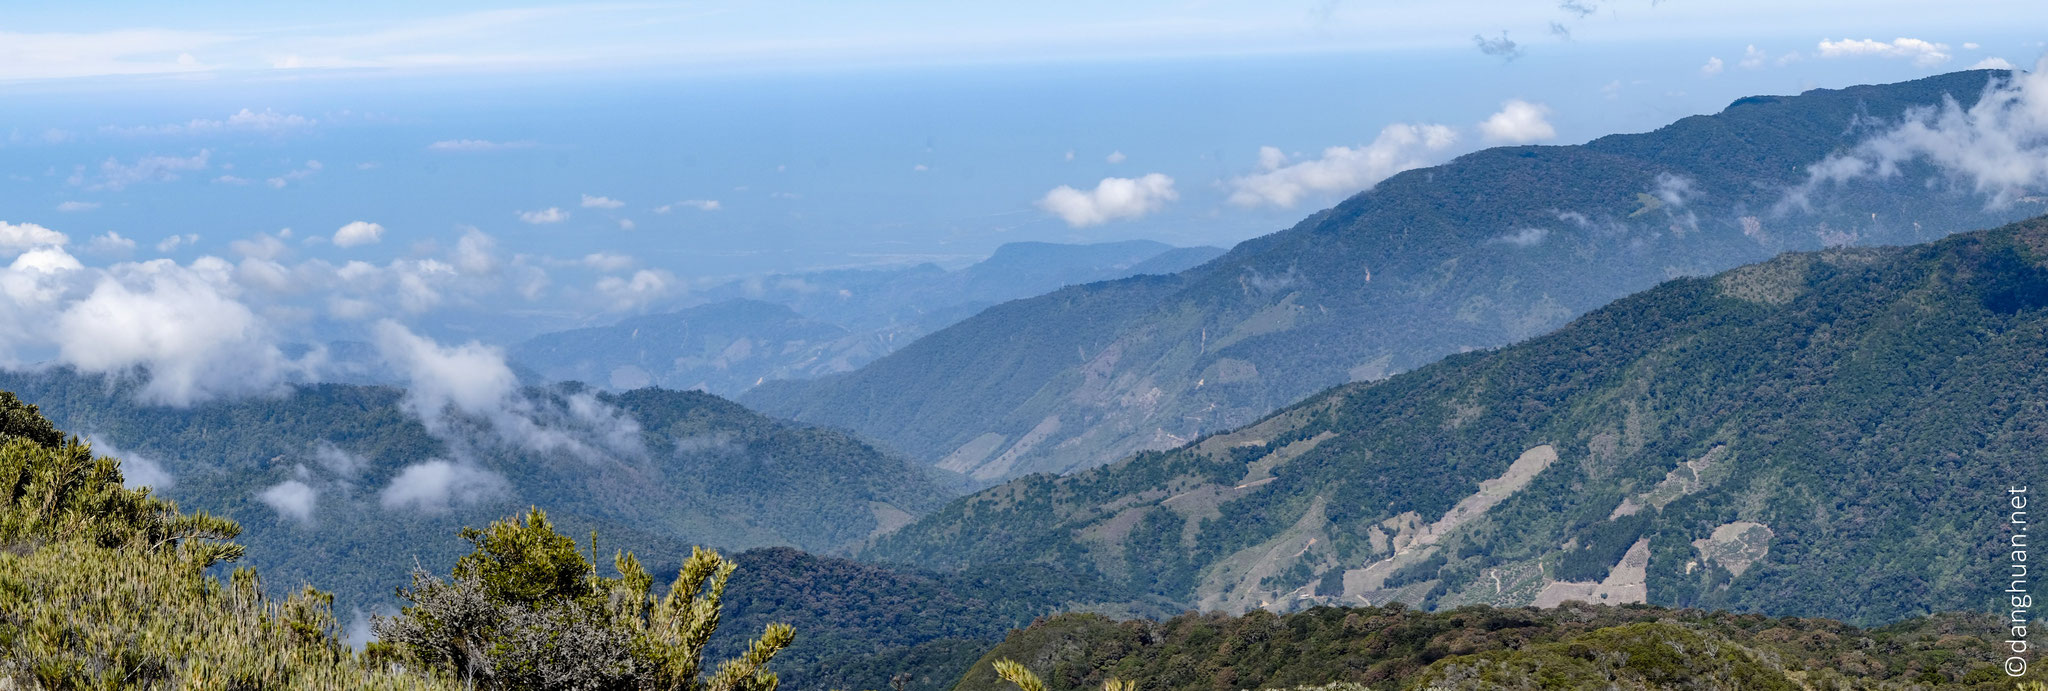 Au-dessus de la canopée, au sommet de la vallée (3450m) le Cerro de la Muerte...